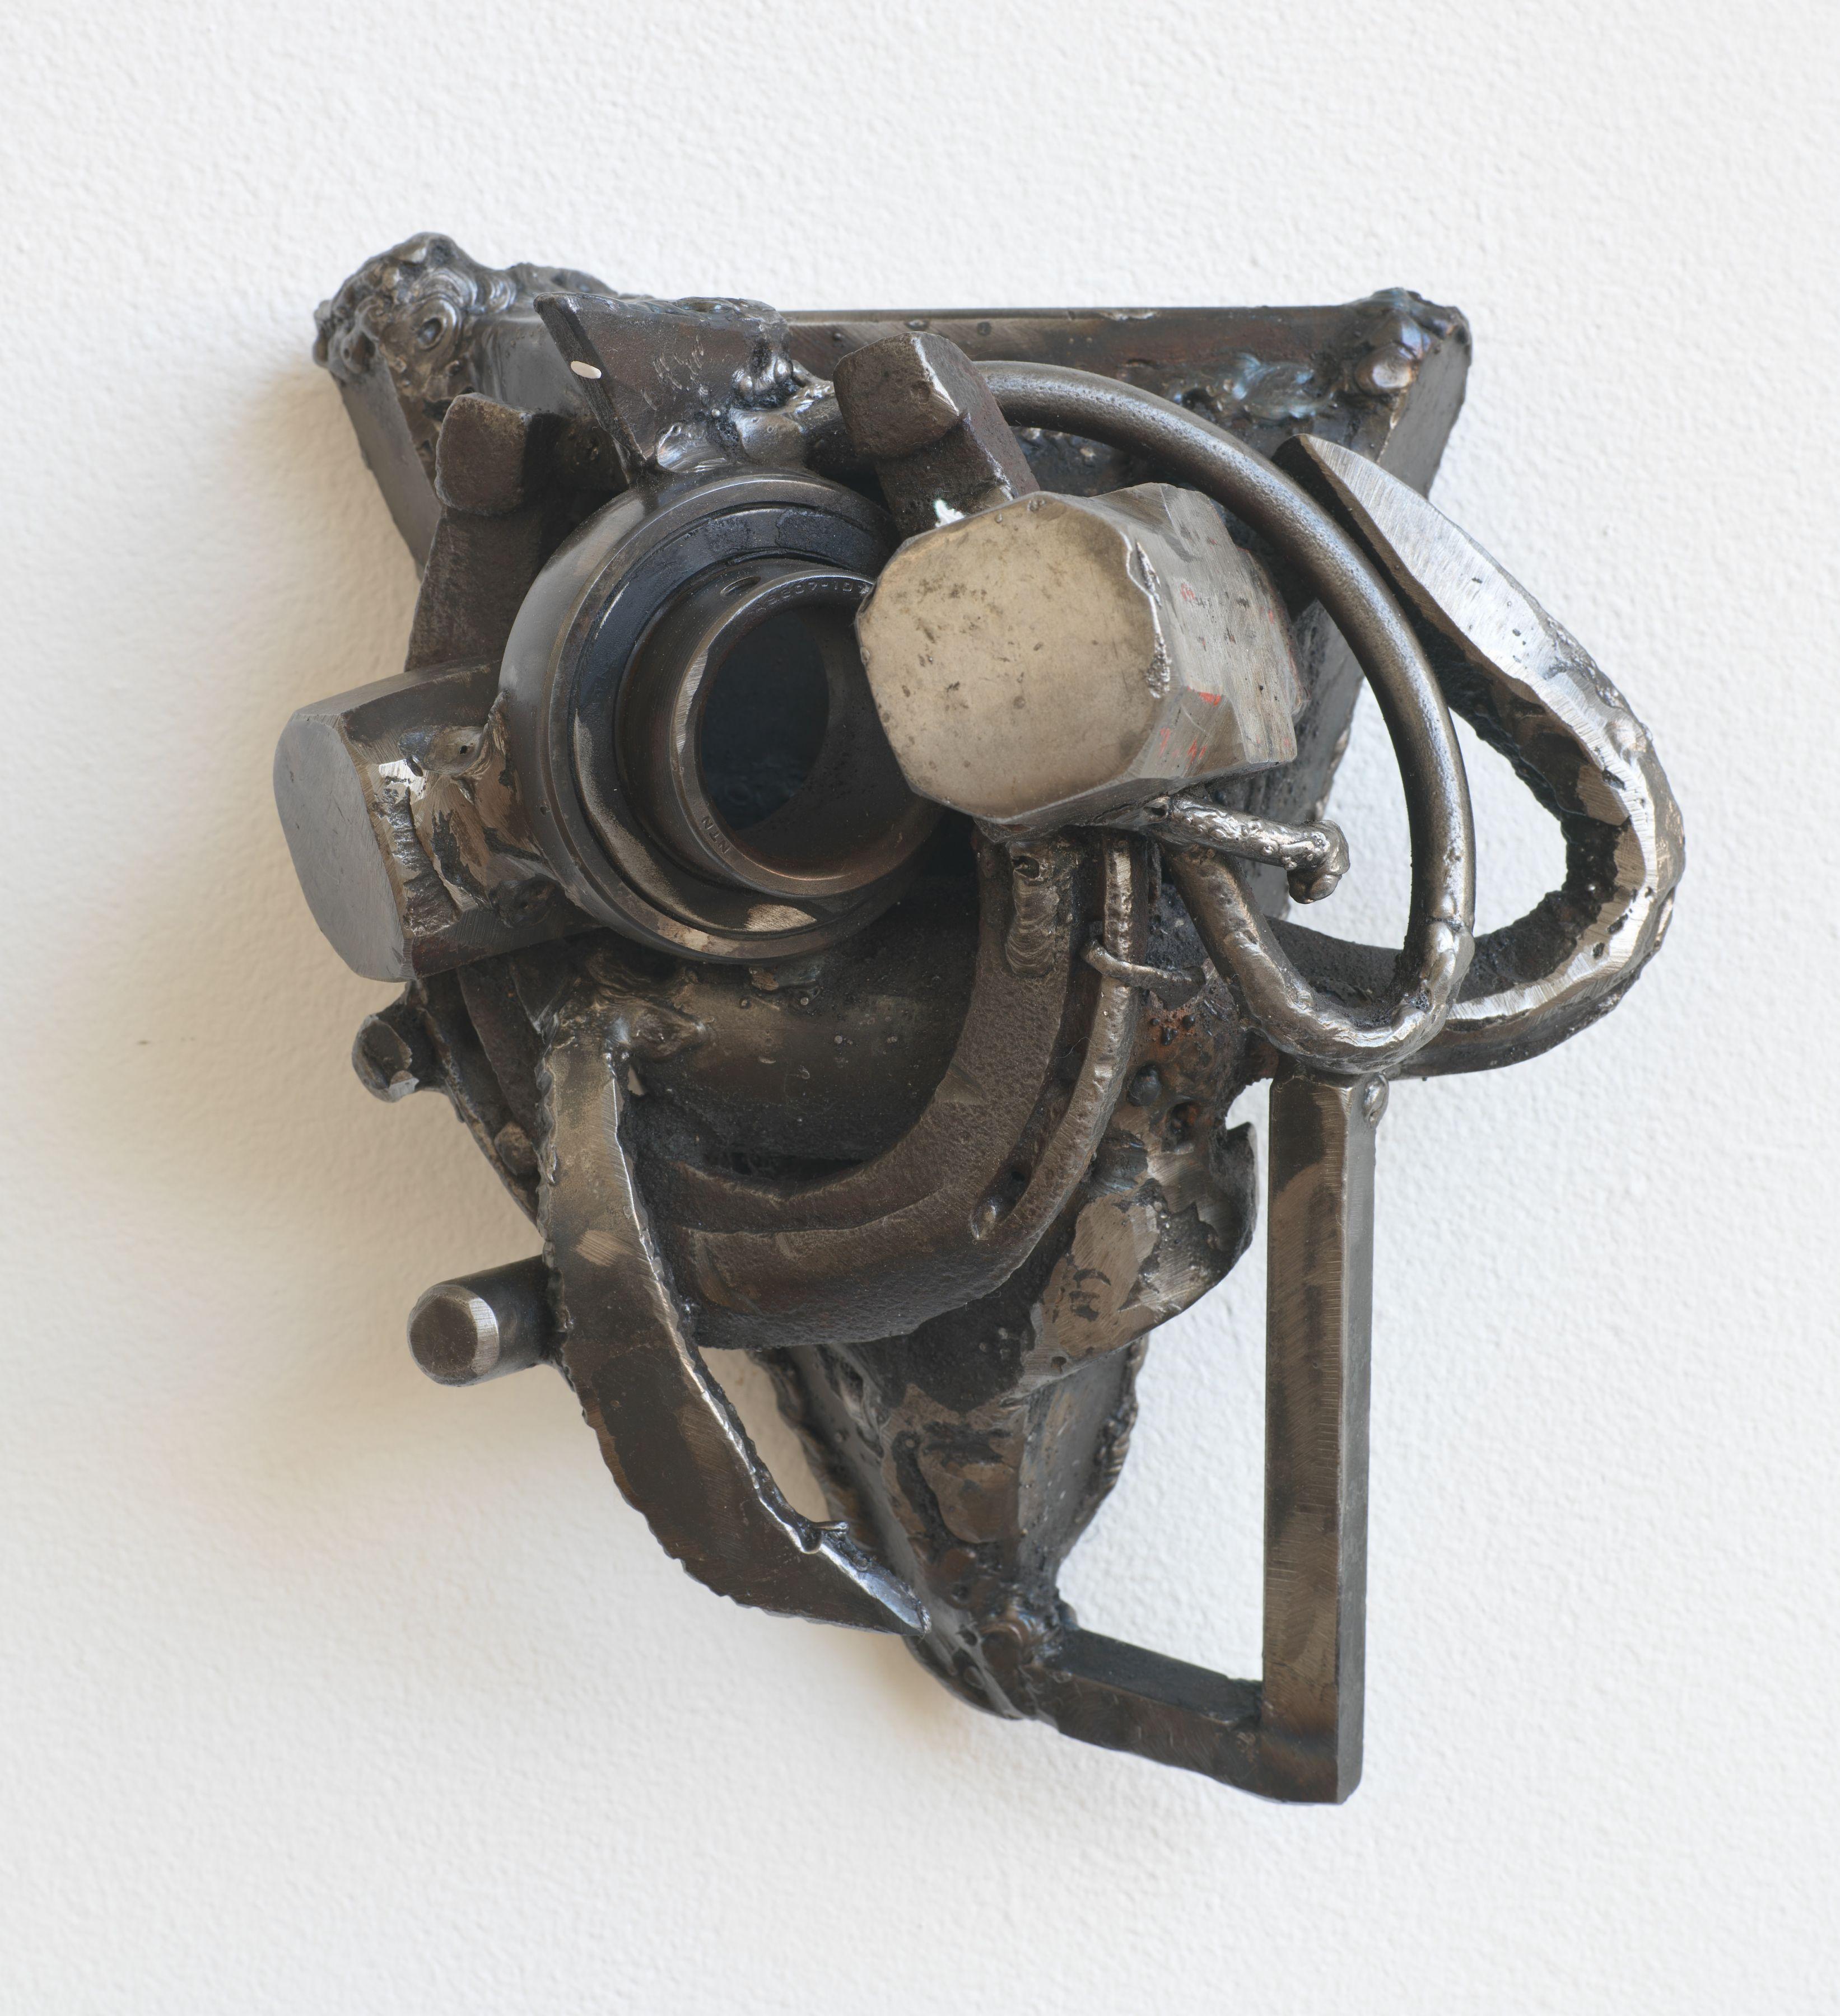 Art Education, 2002, Welded steel